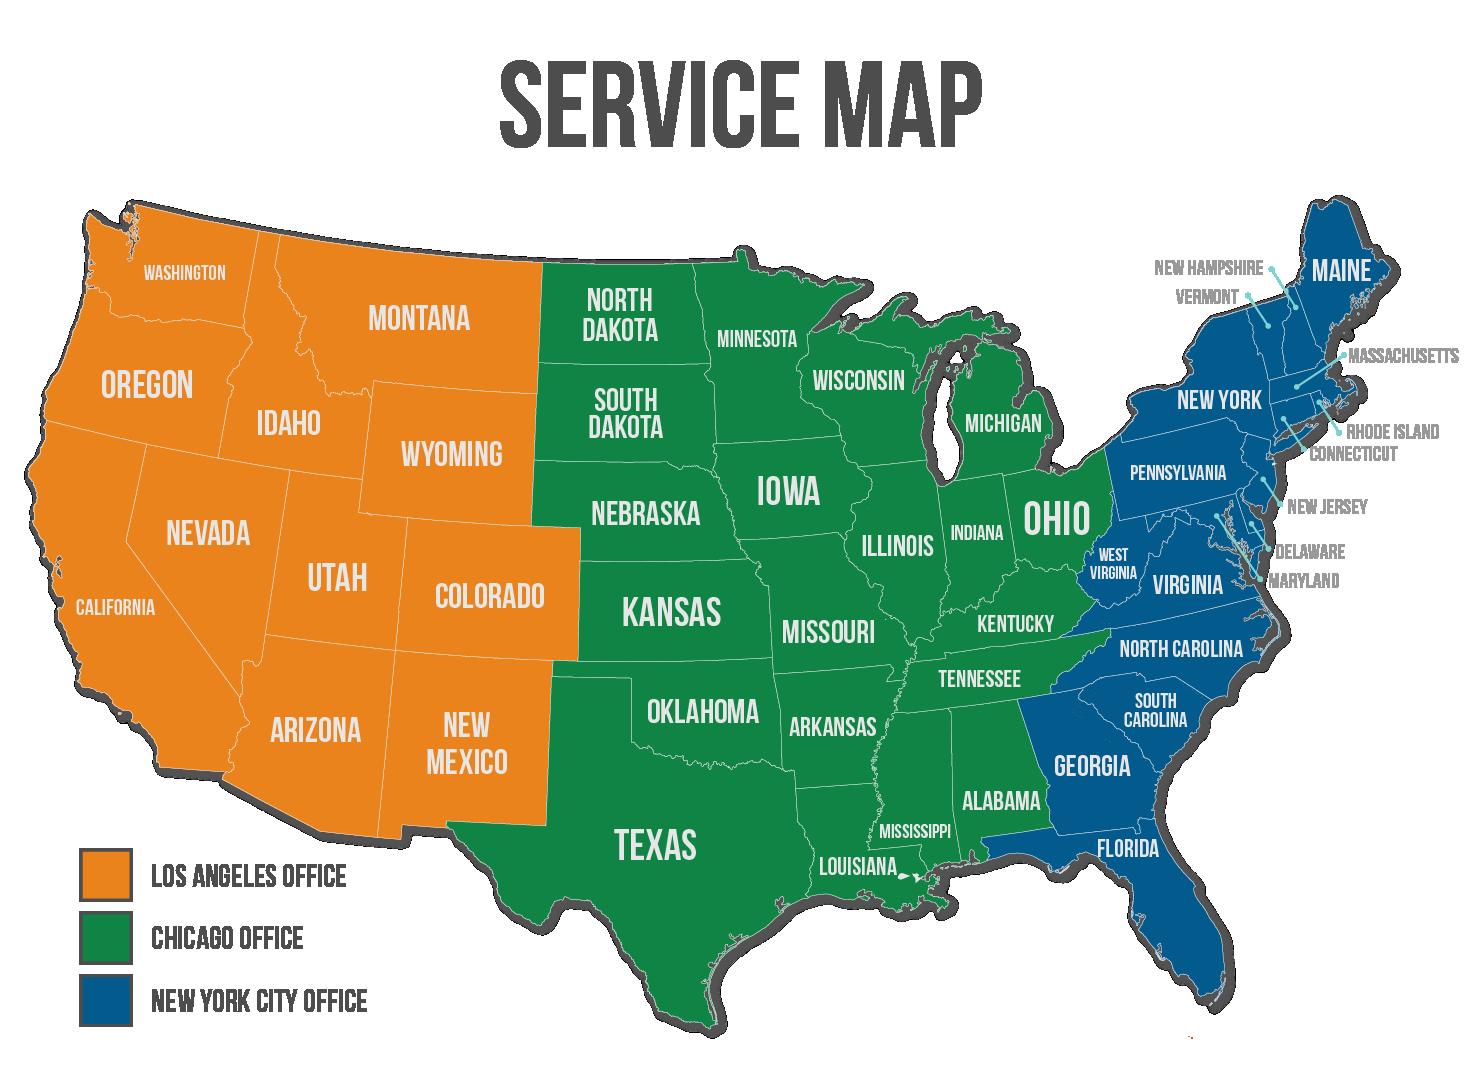 https://www.arkmanusa.com/wp-content/uploads/2019/01/Service-Map-v02-01.png